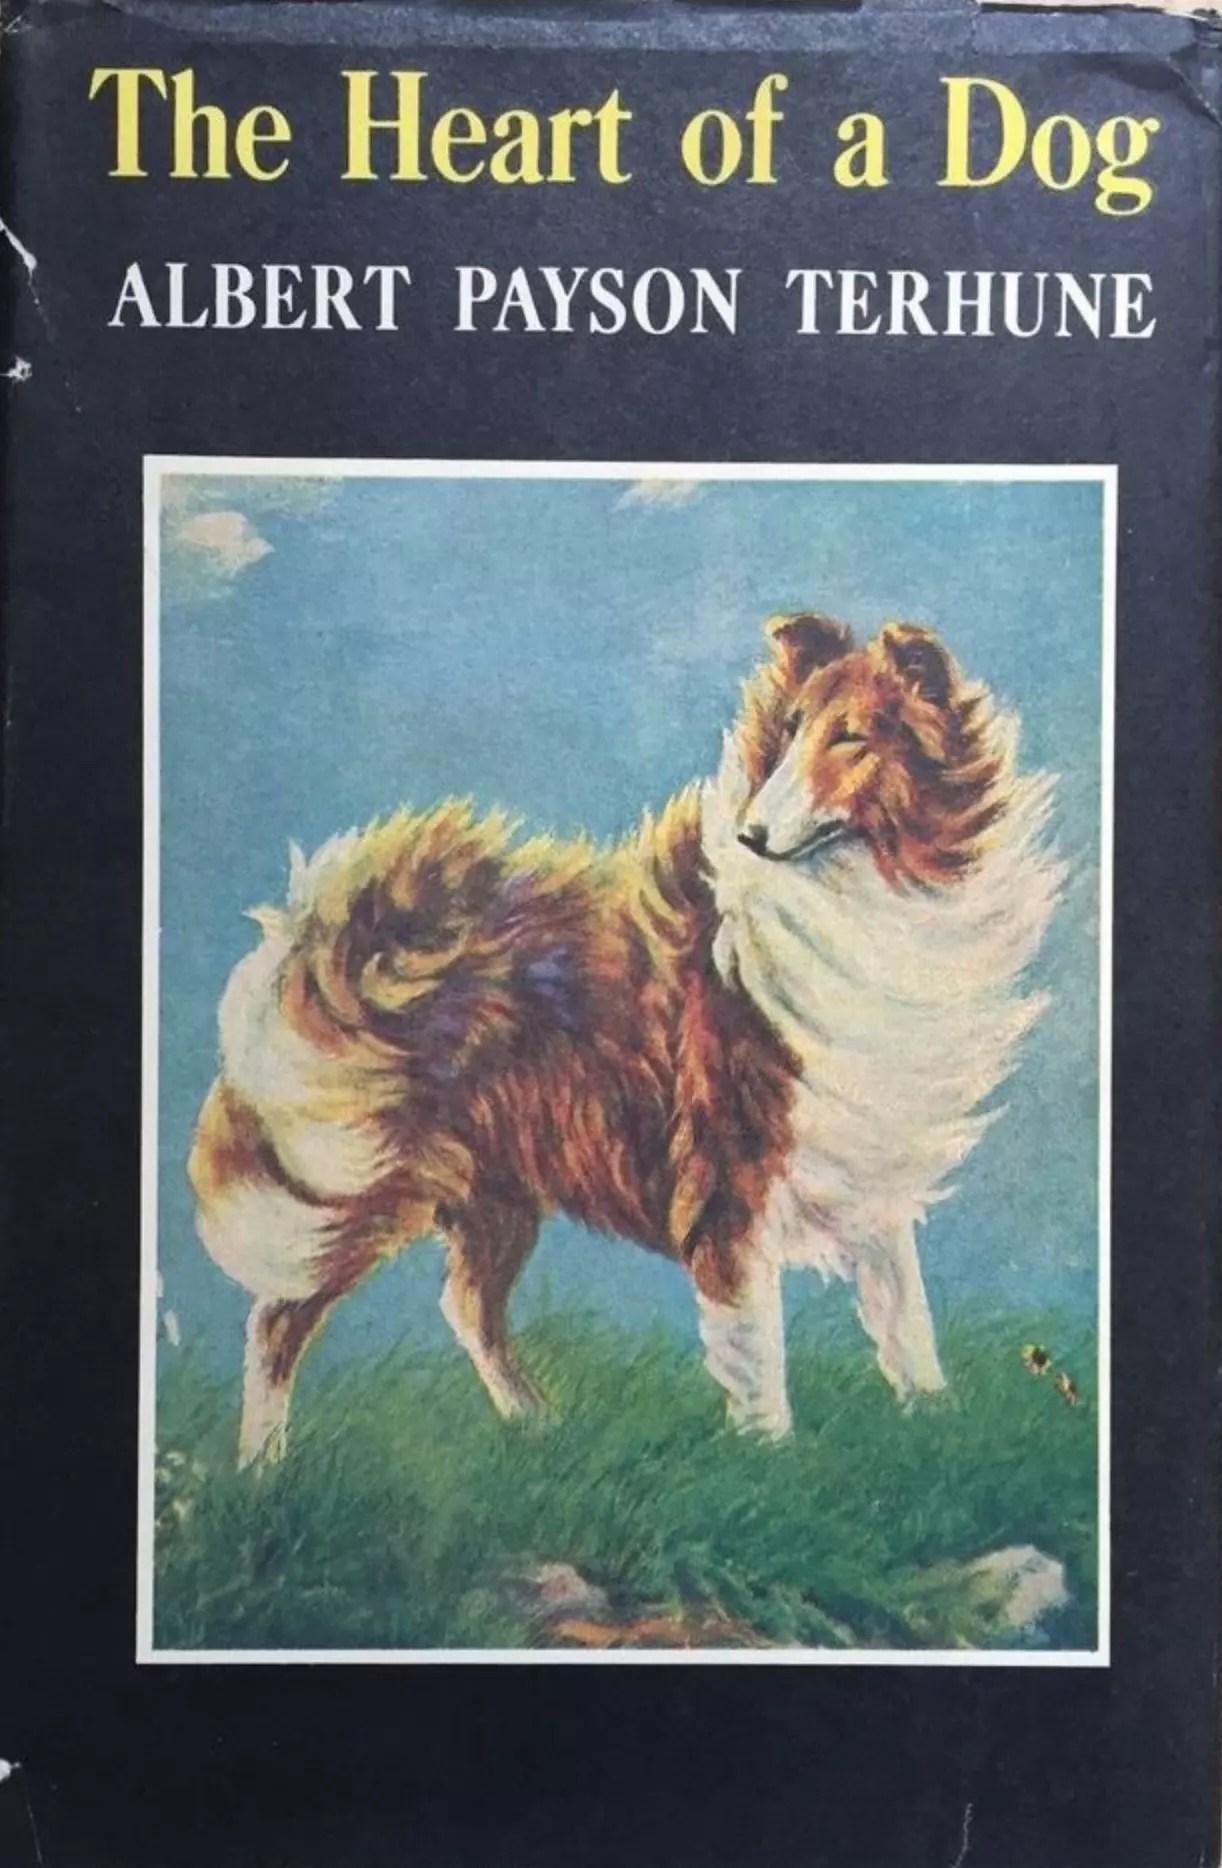 JDE Heart of a Dog Albert Payson Terhune DJ Cover